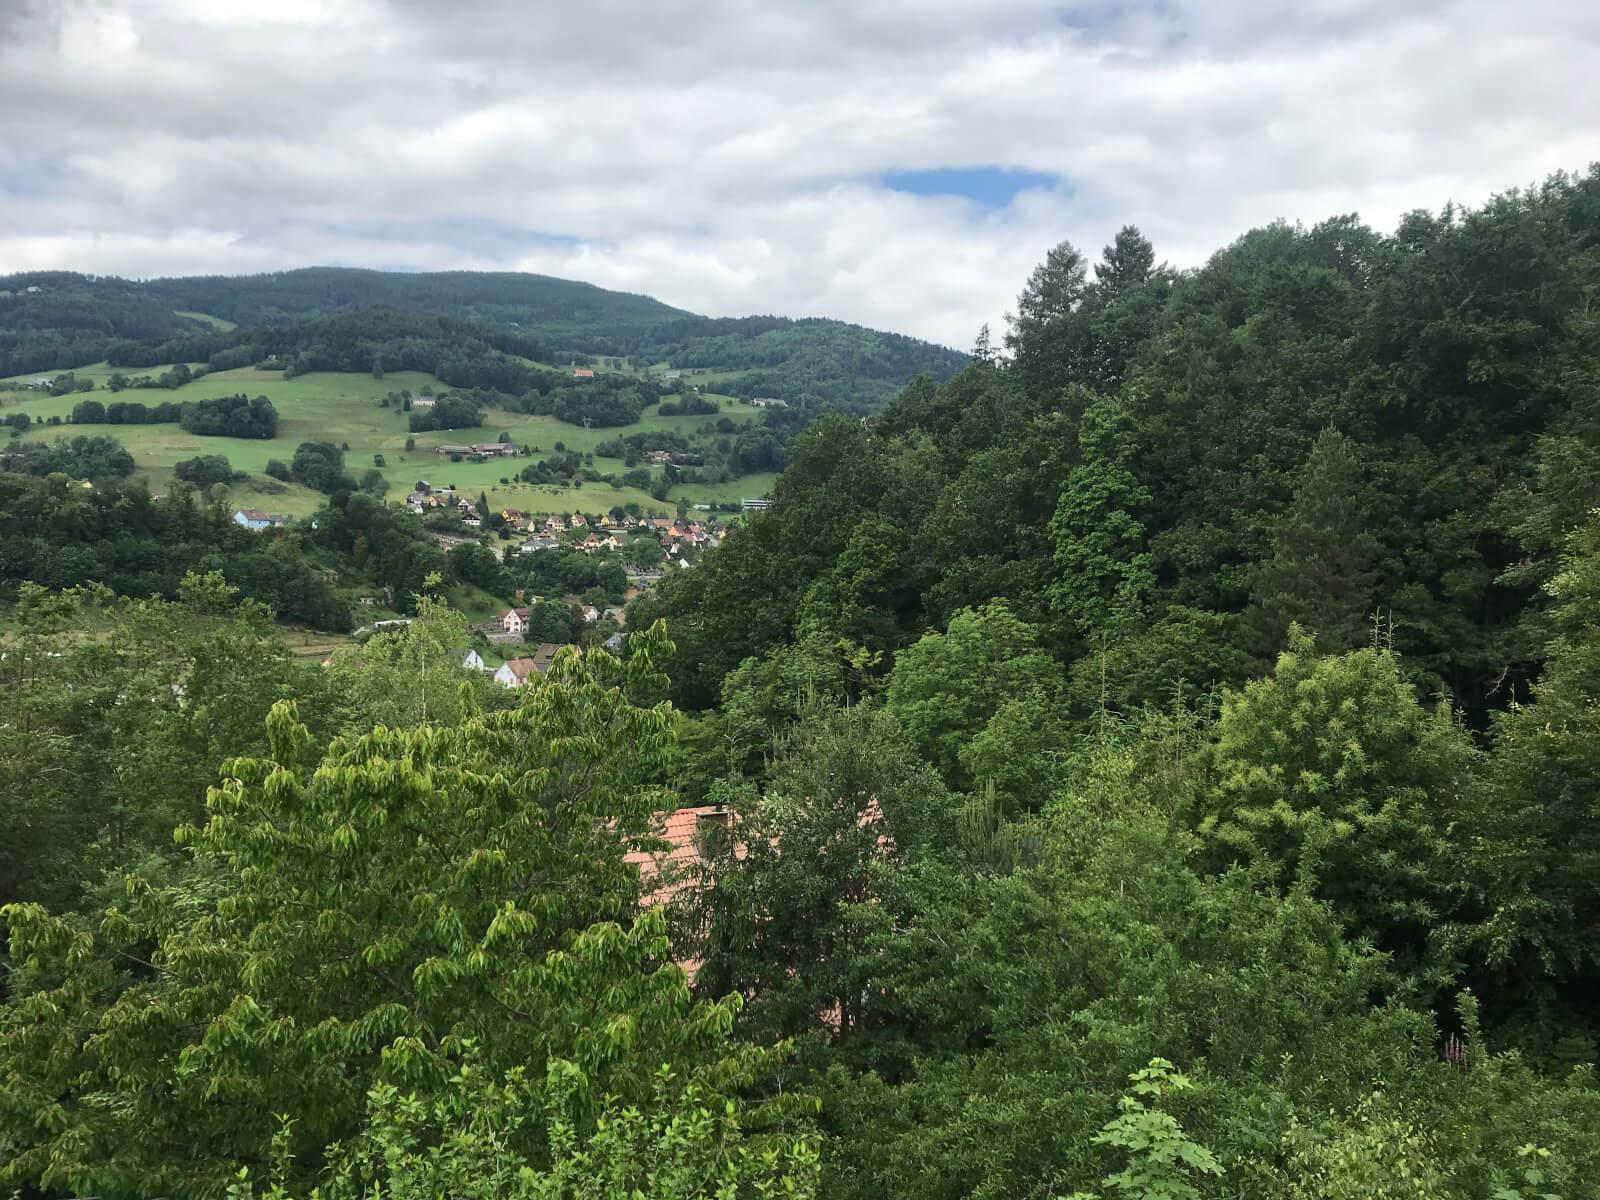 apps.tourisme-alsace.info/photos/kaysersberg/photos/gite-lapoutroie-rocher-maurer-vue-depuis-la-terrasse.JPG